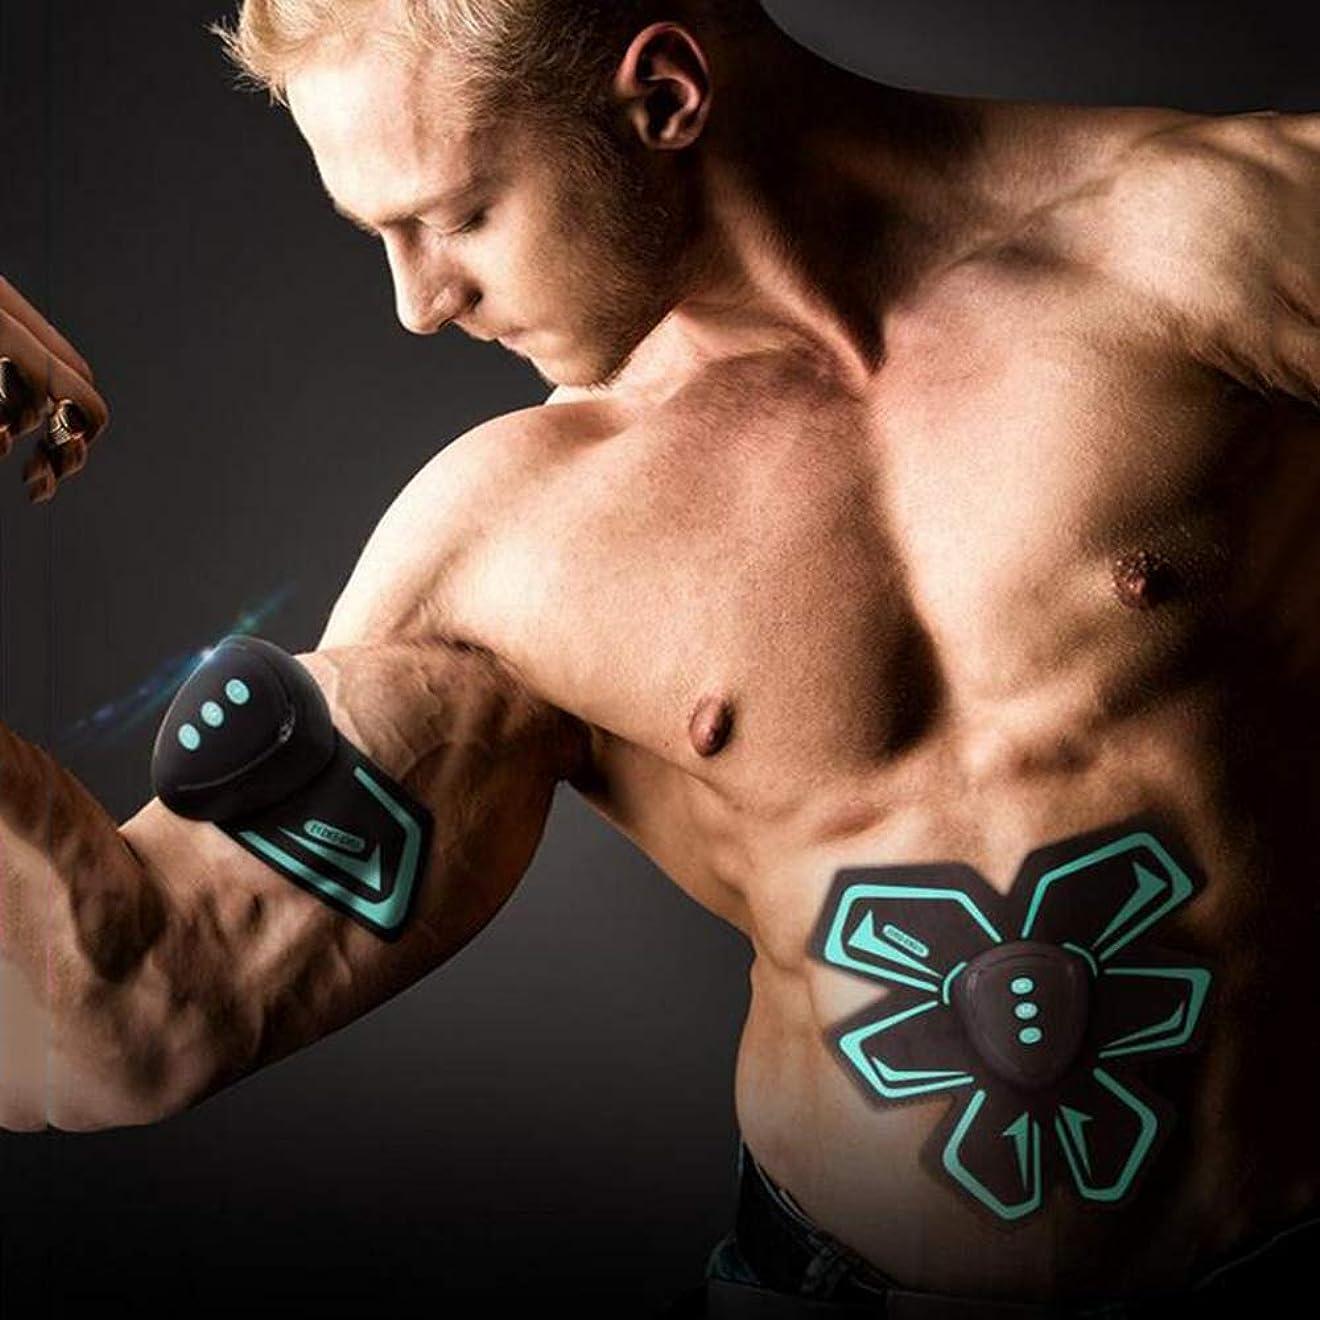 迷路チーフスズメバチUSB電気腹部トレーナーウエスト減量器具EMS筋肉刺激装置ポータブルスポーツ腹部筋肉フィットネス機器ユニセックス